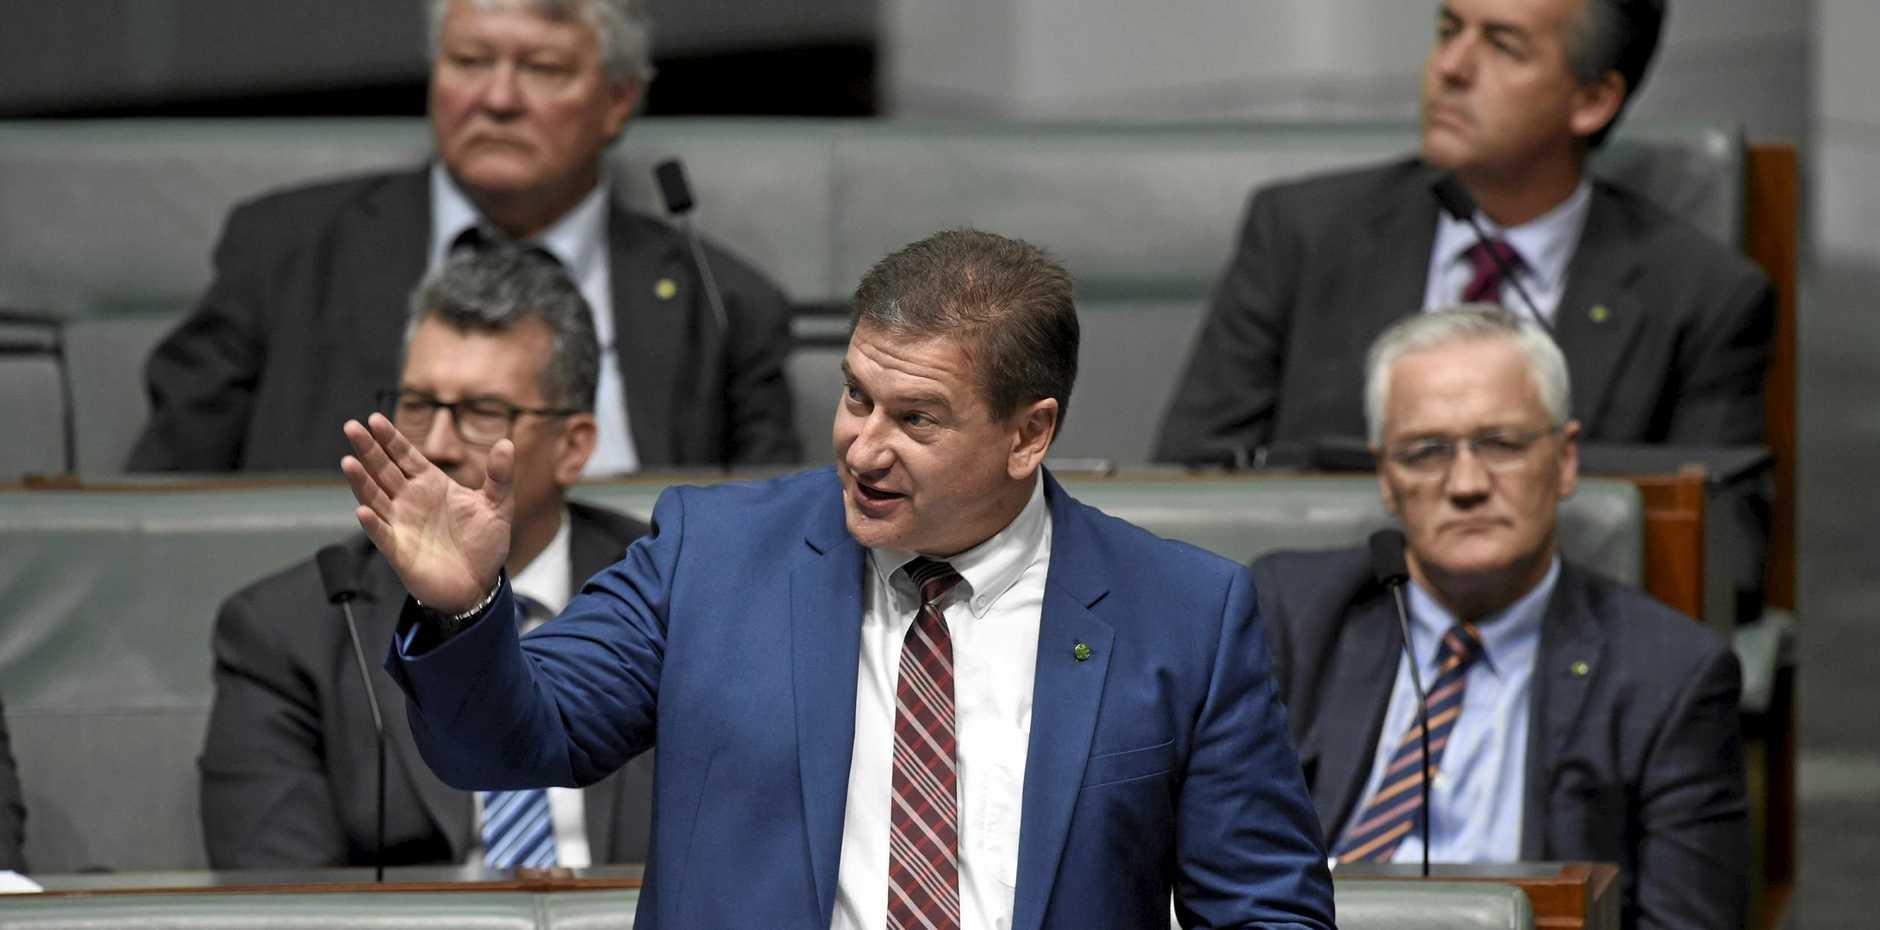 Wide Bay MP Llew O'Brien